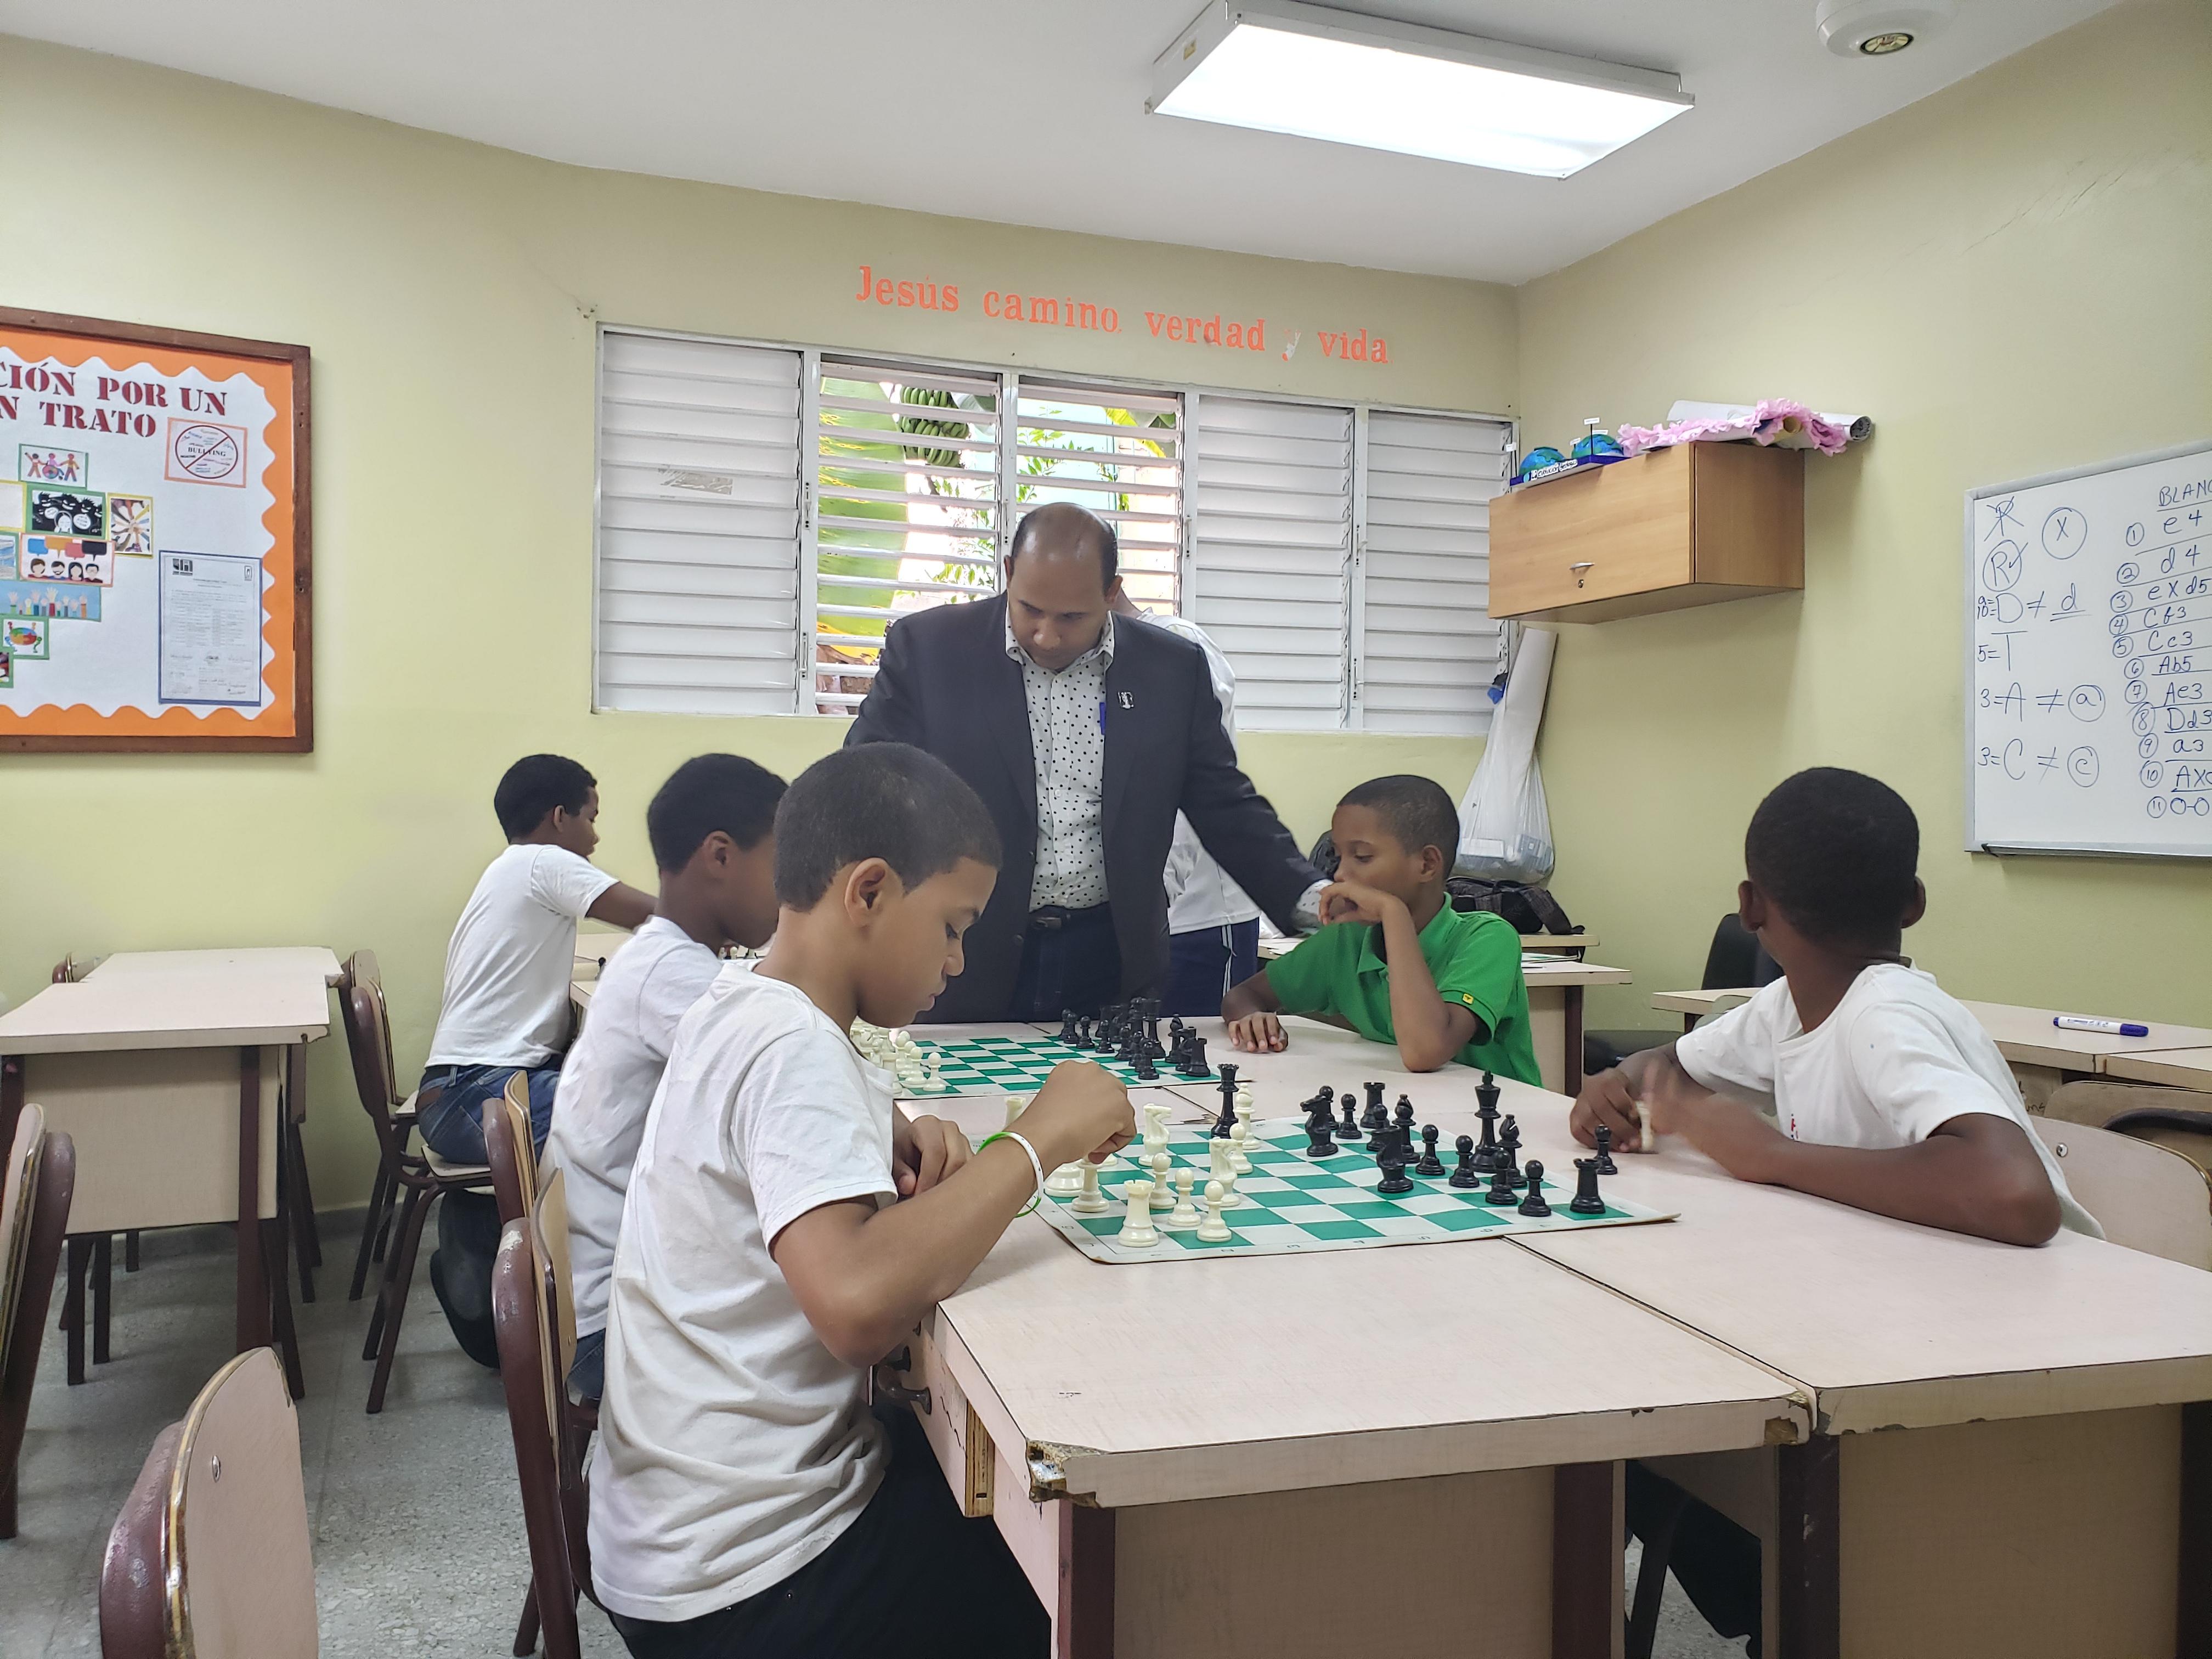 Más de 100 niños participarán en el Torneo Nacional Infantil de Ajedrez